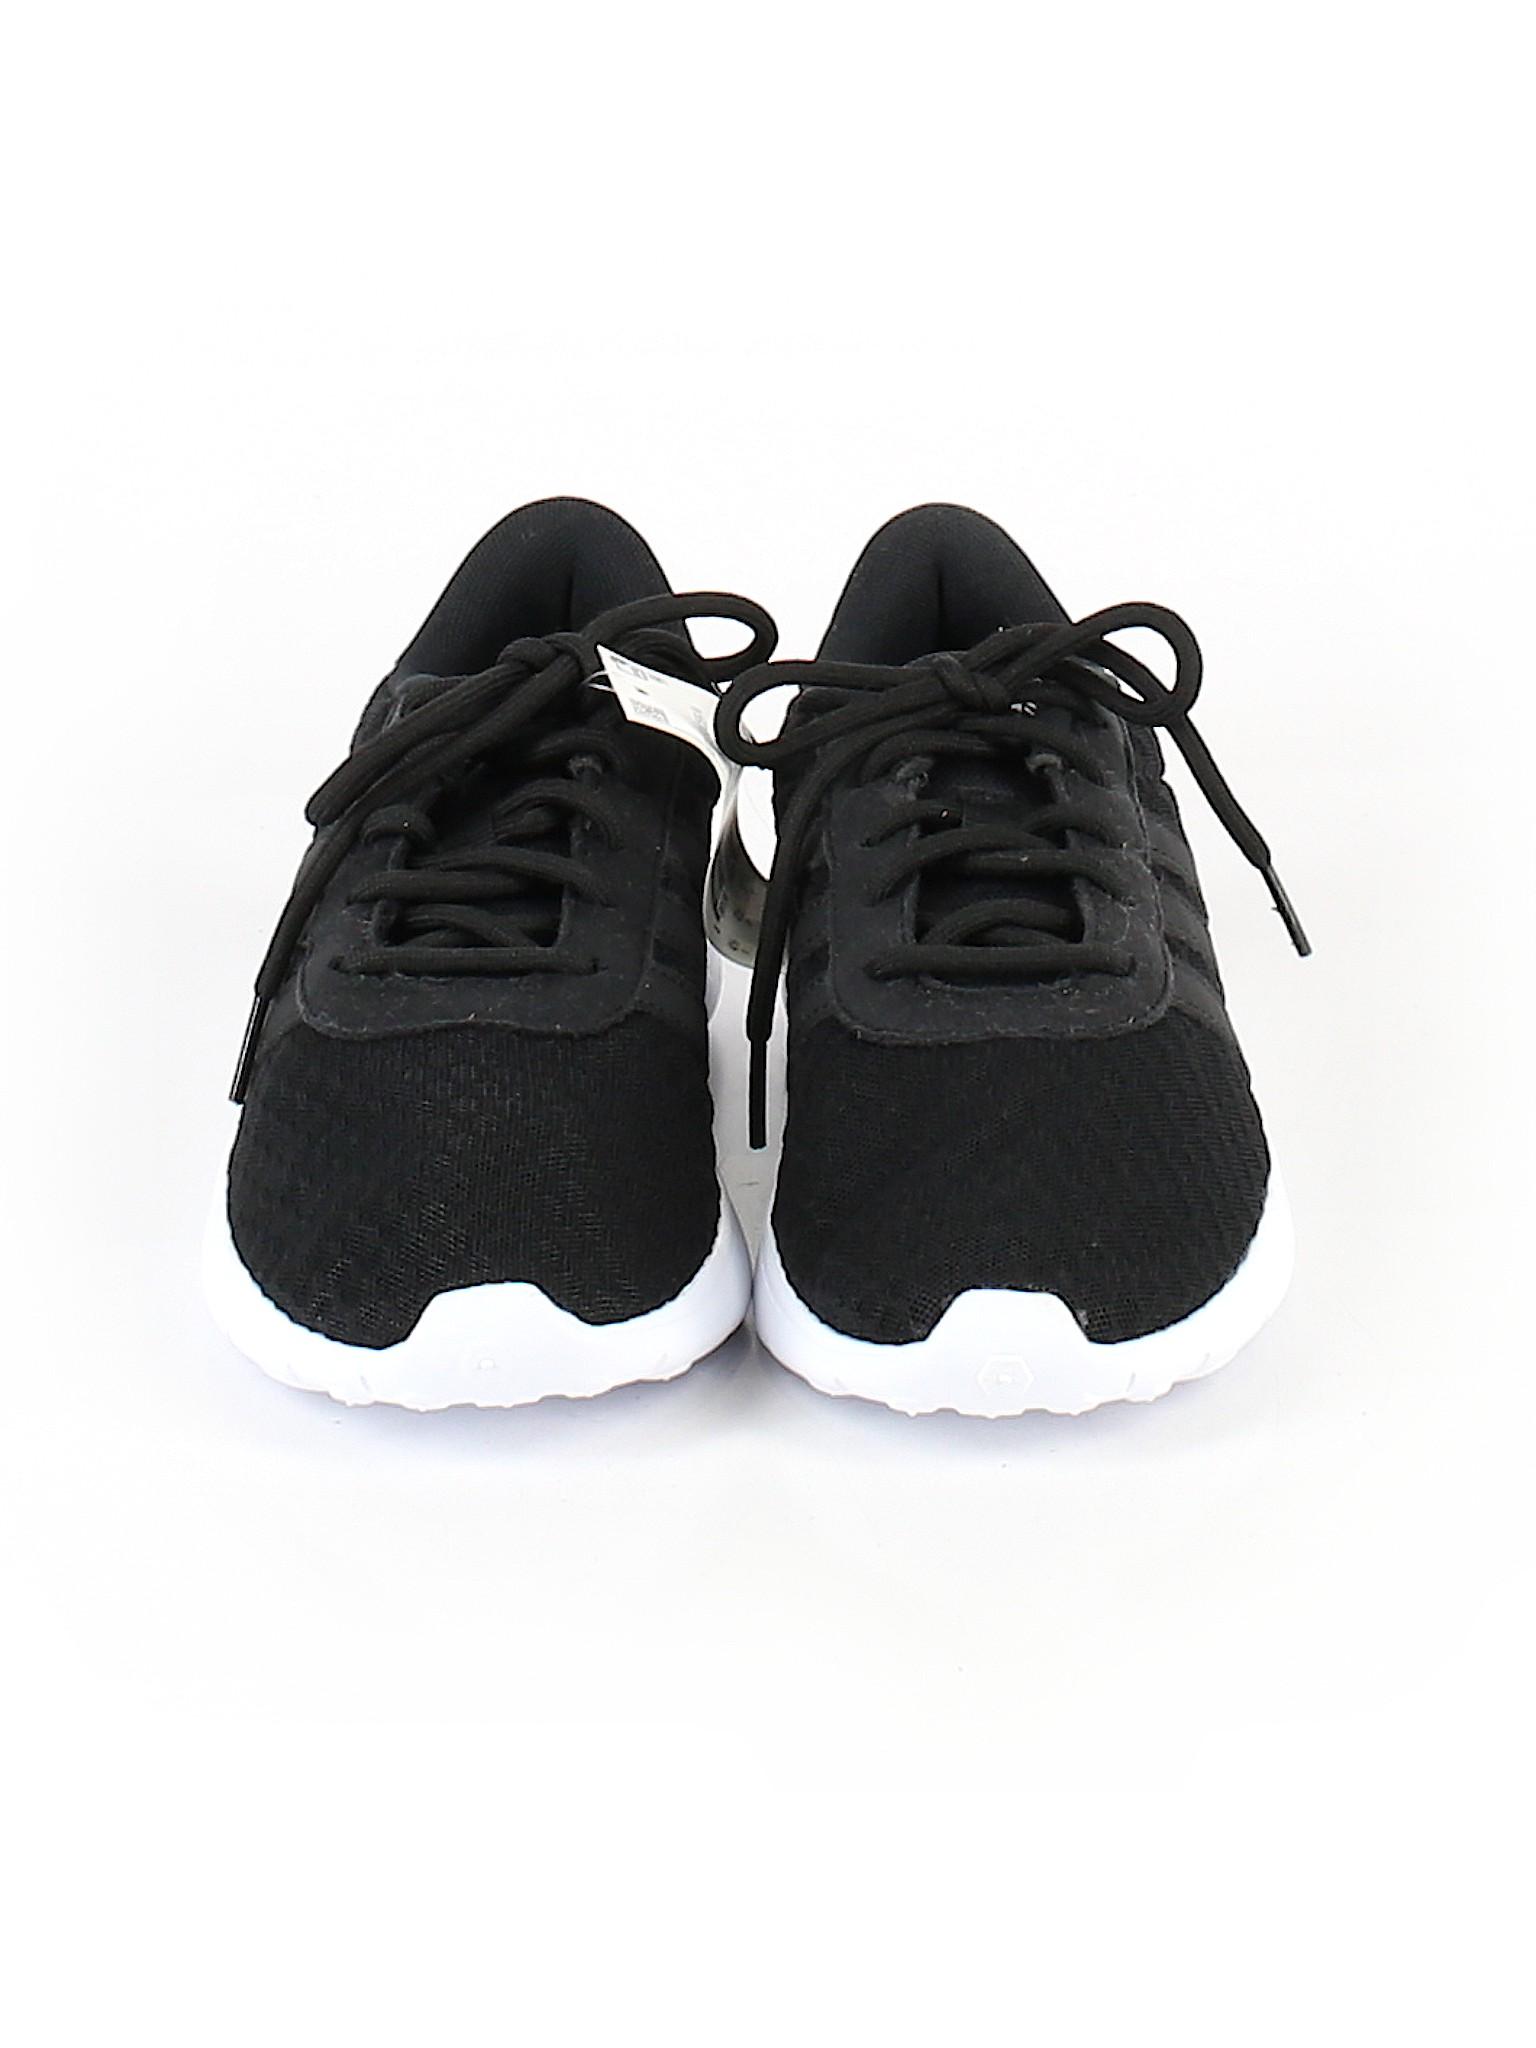 Adidas promotion Boutique Boutique Sneakers promotion 8aqp0xR